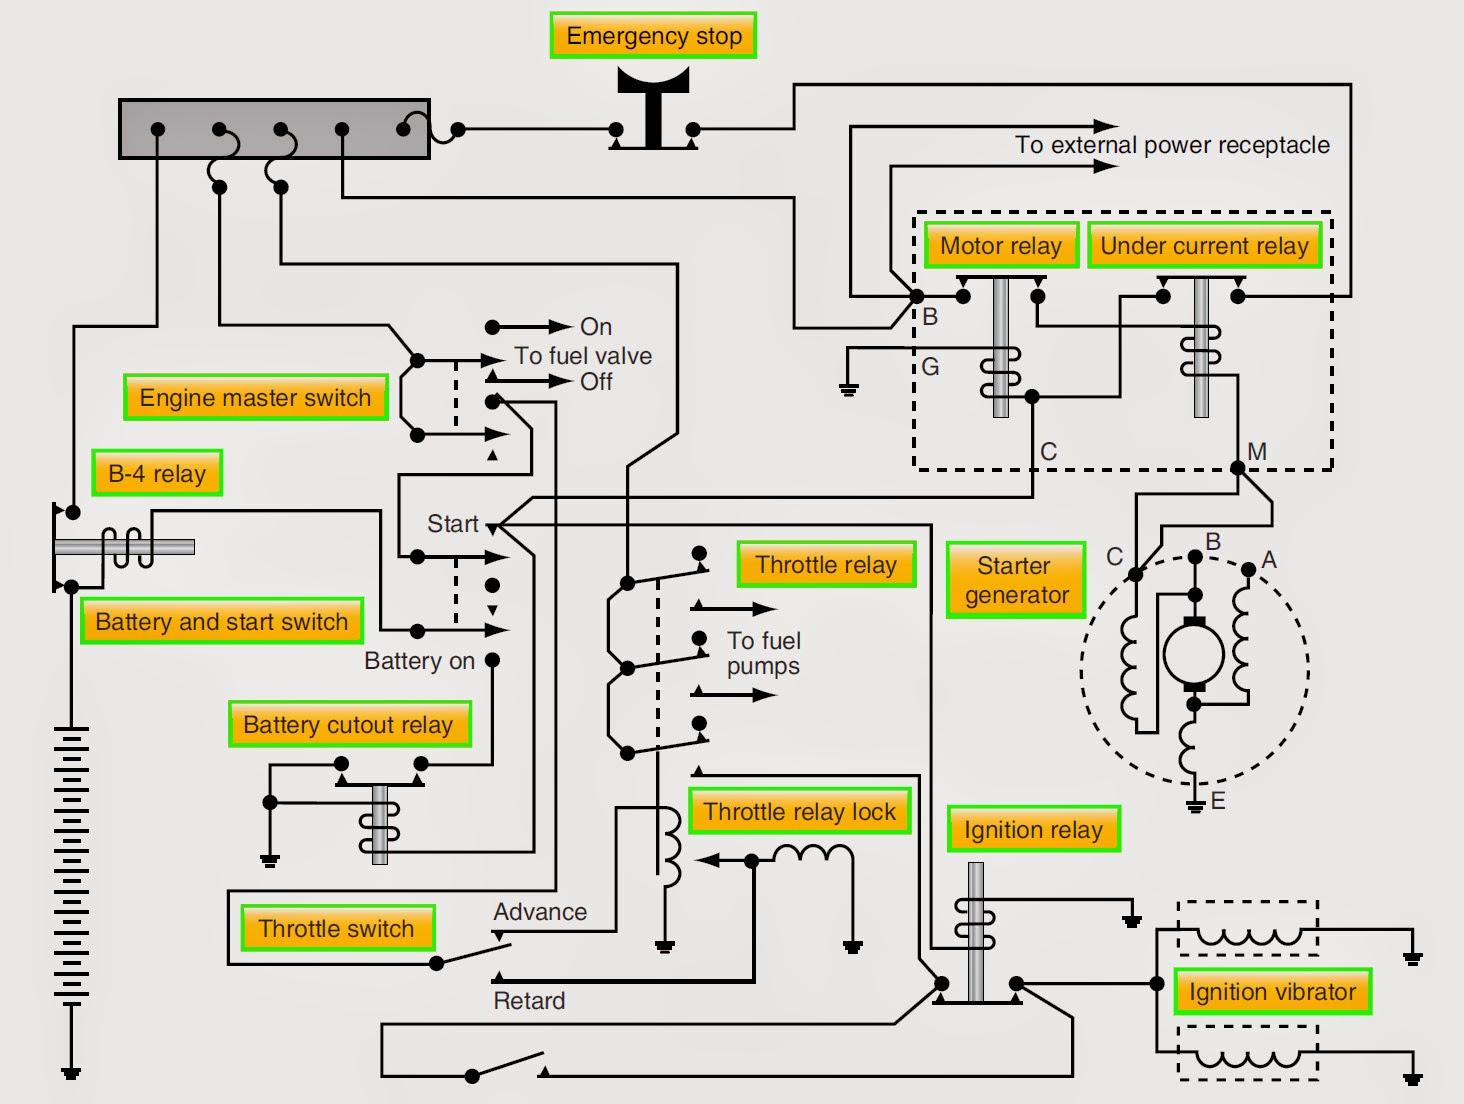 Genset Wiring Diagram Denyo Image Katolight Showing Post Media For Starter Generator Electrical Symbol 1464x1104